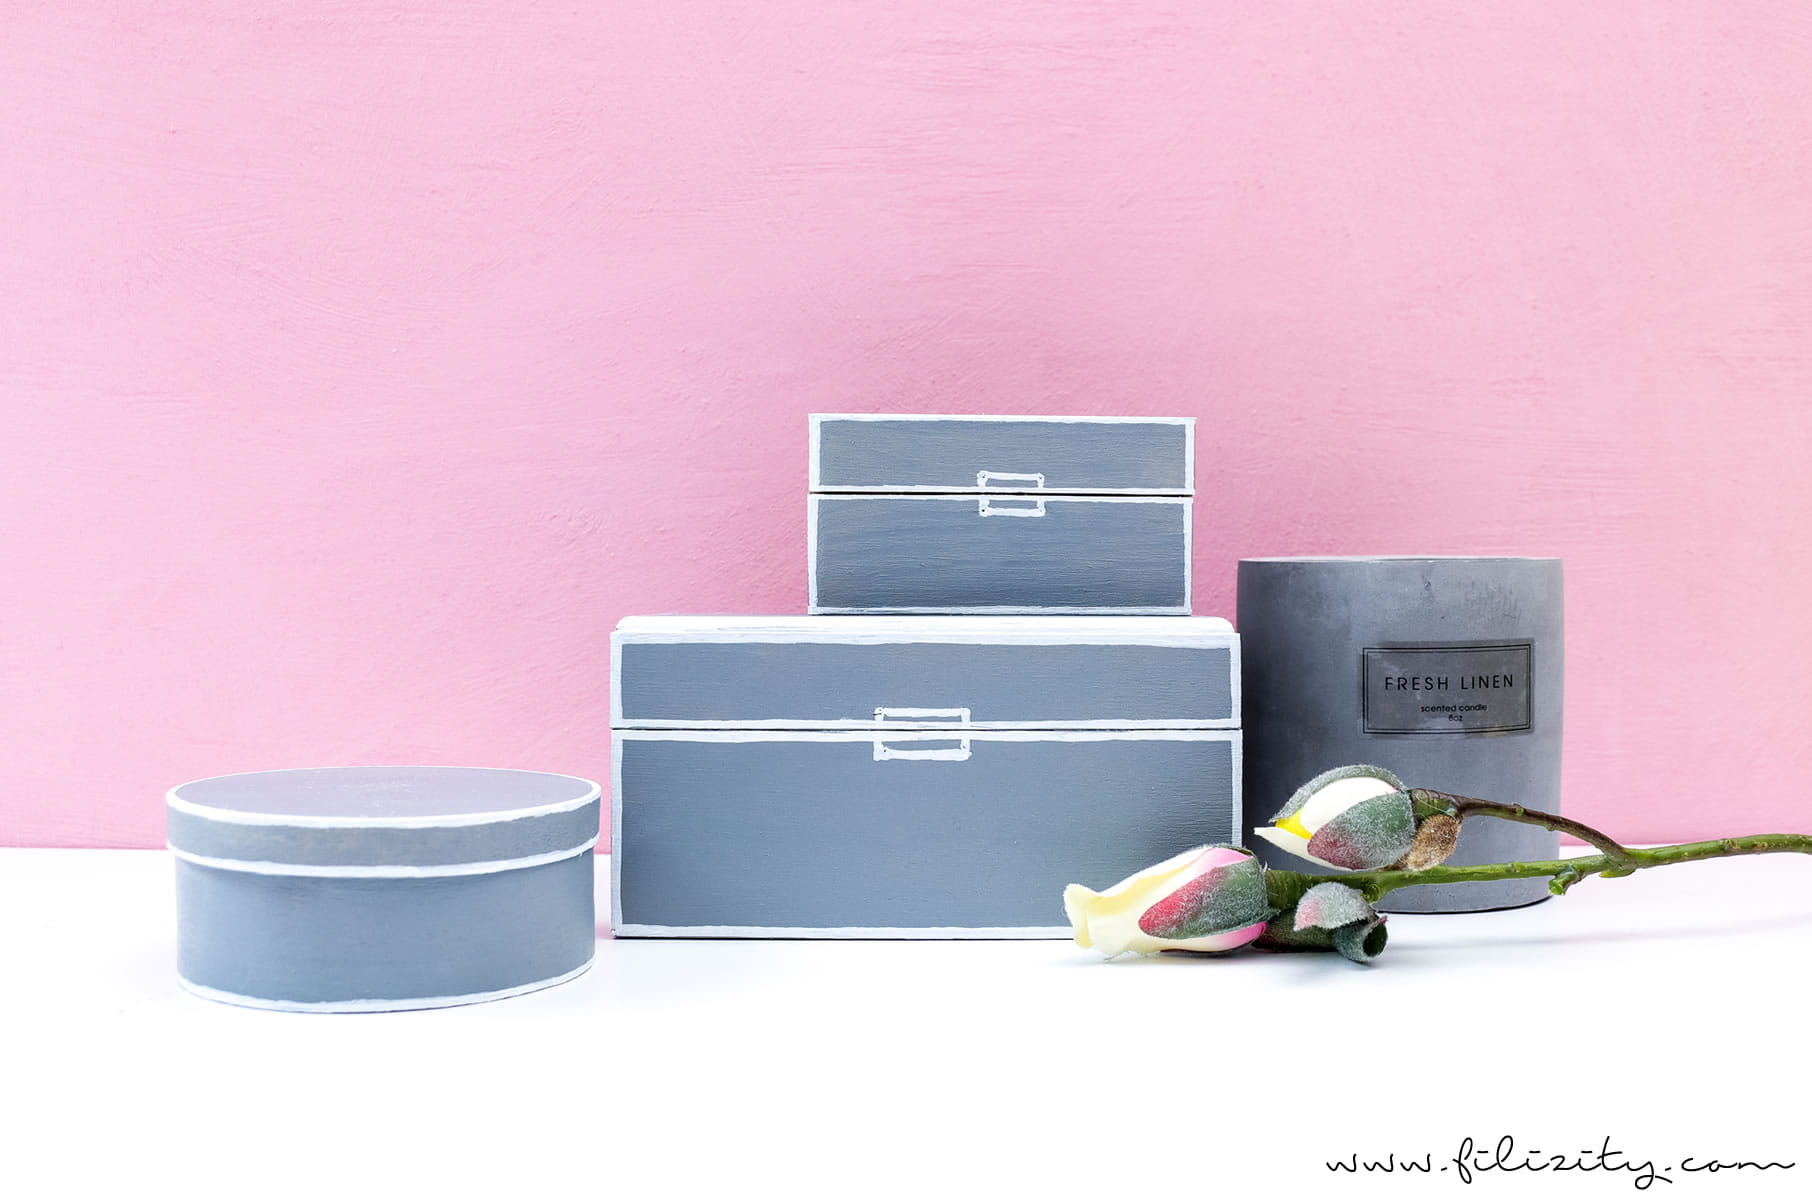 Moderne Deko selber machen: DIY Aufbewahrungsboxen